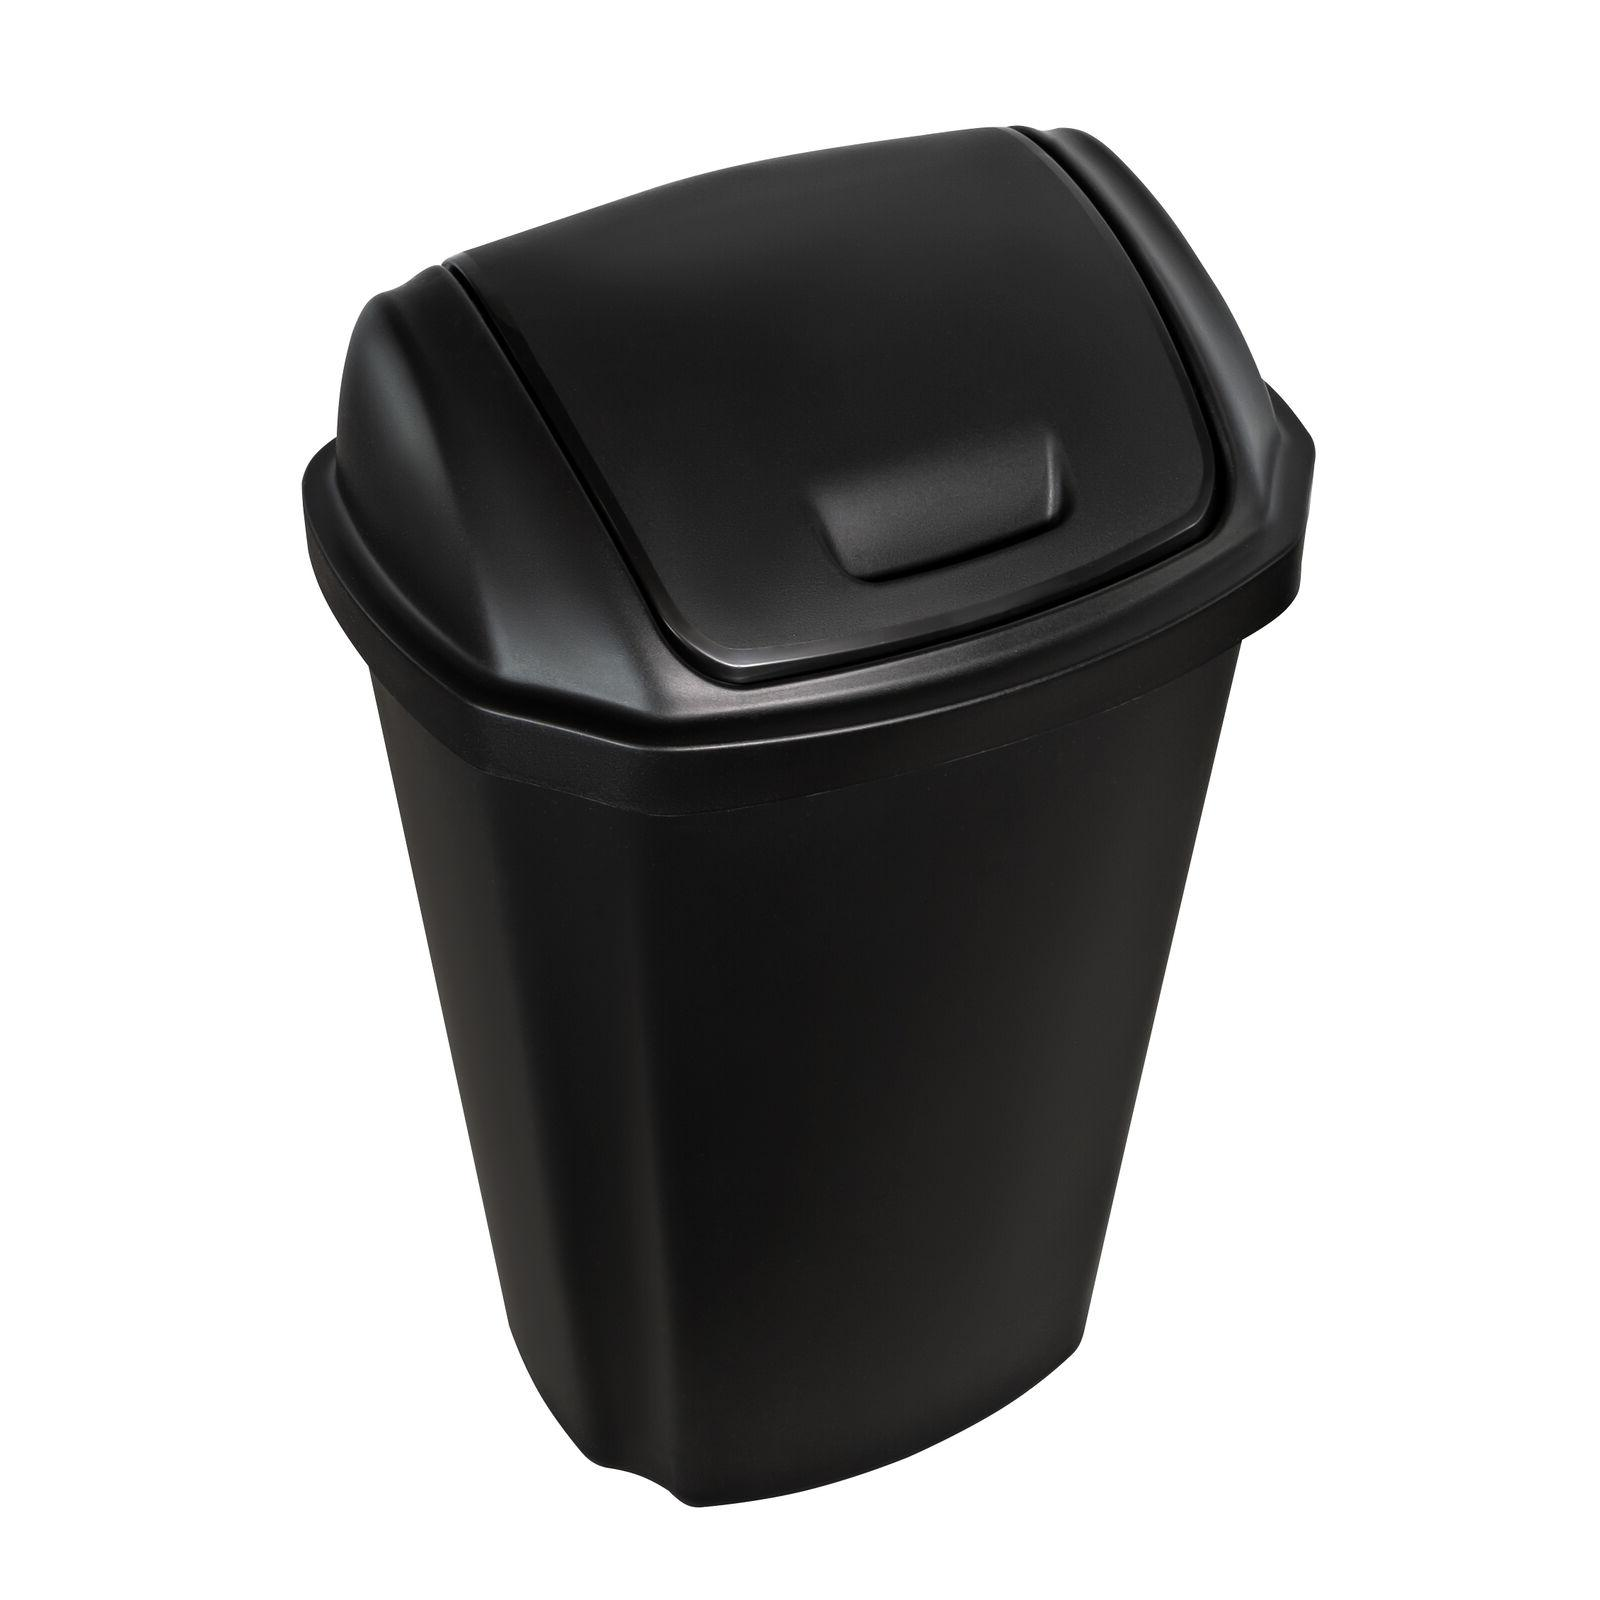 Kitchen Can 13.5 Gal Hefty Swing Lid Black Waste Basket Bin